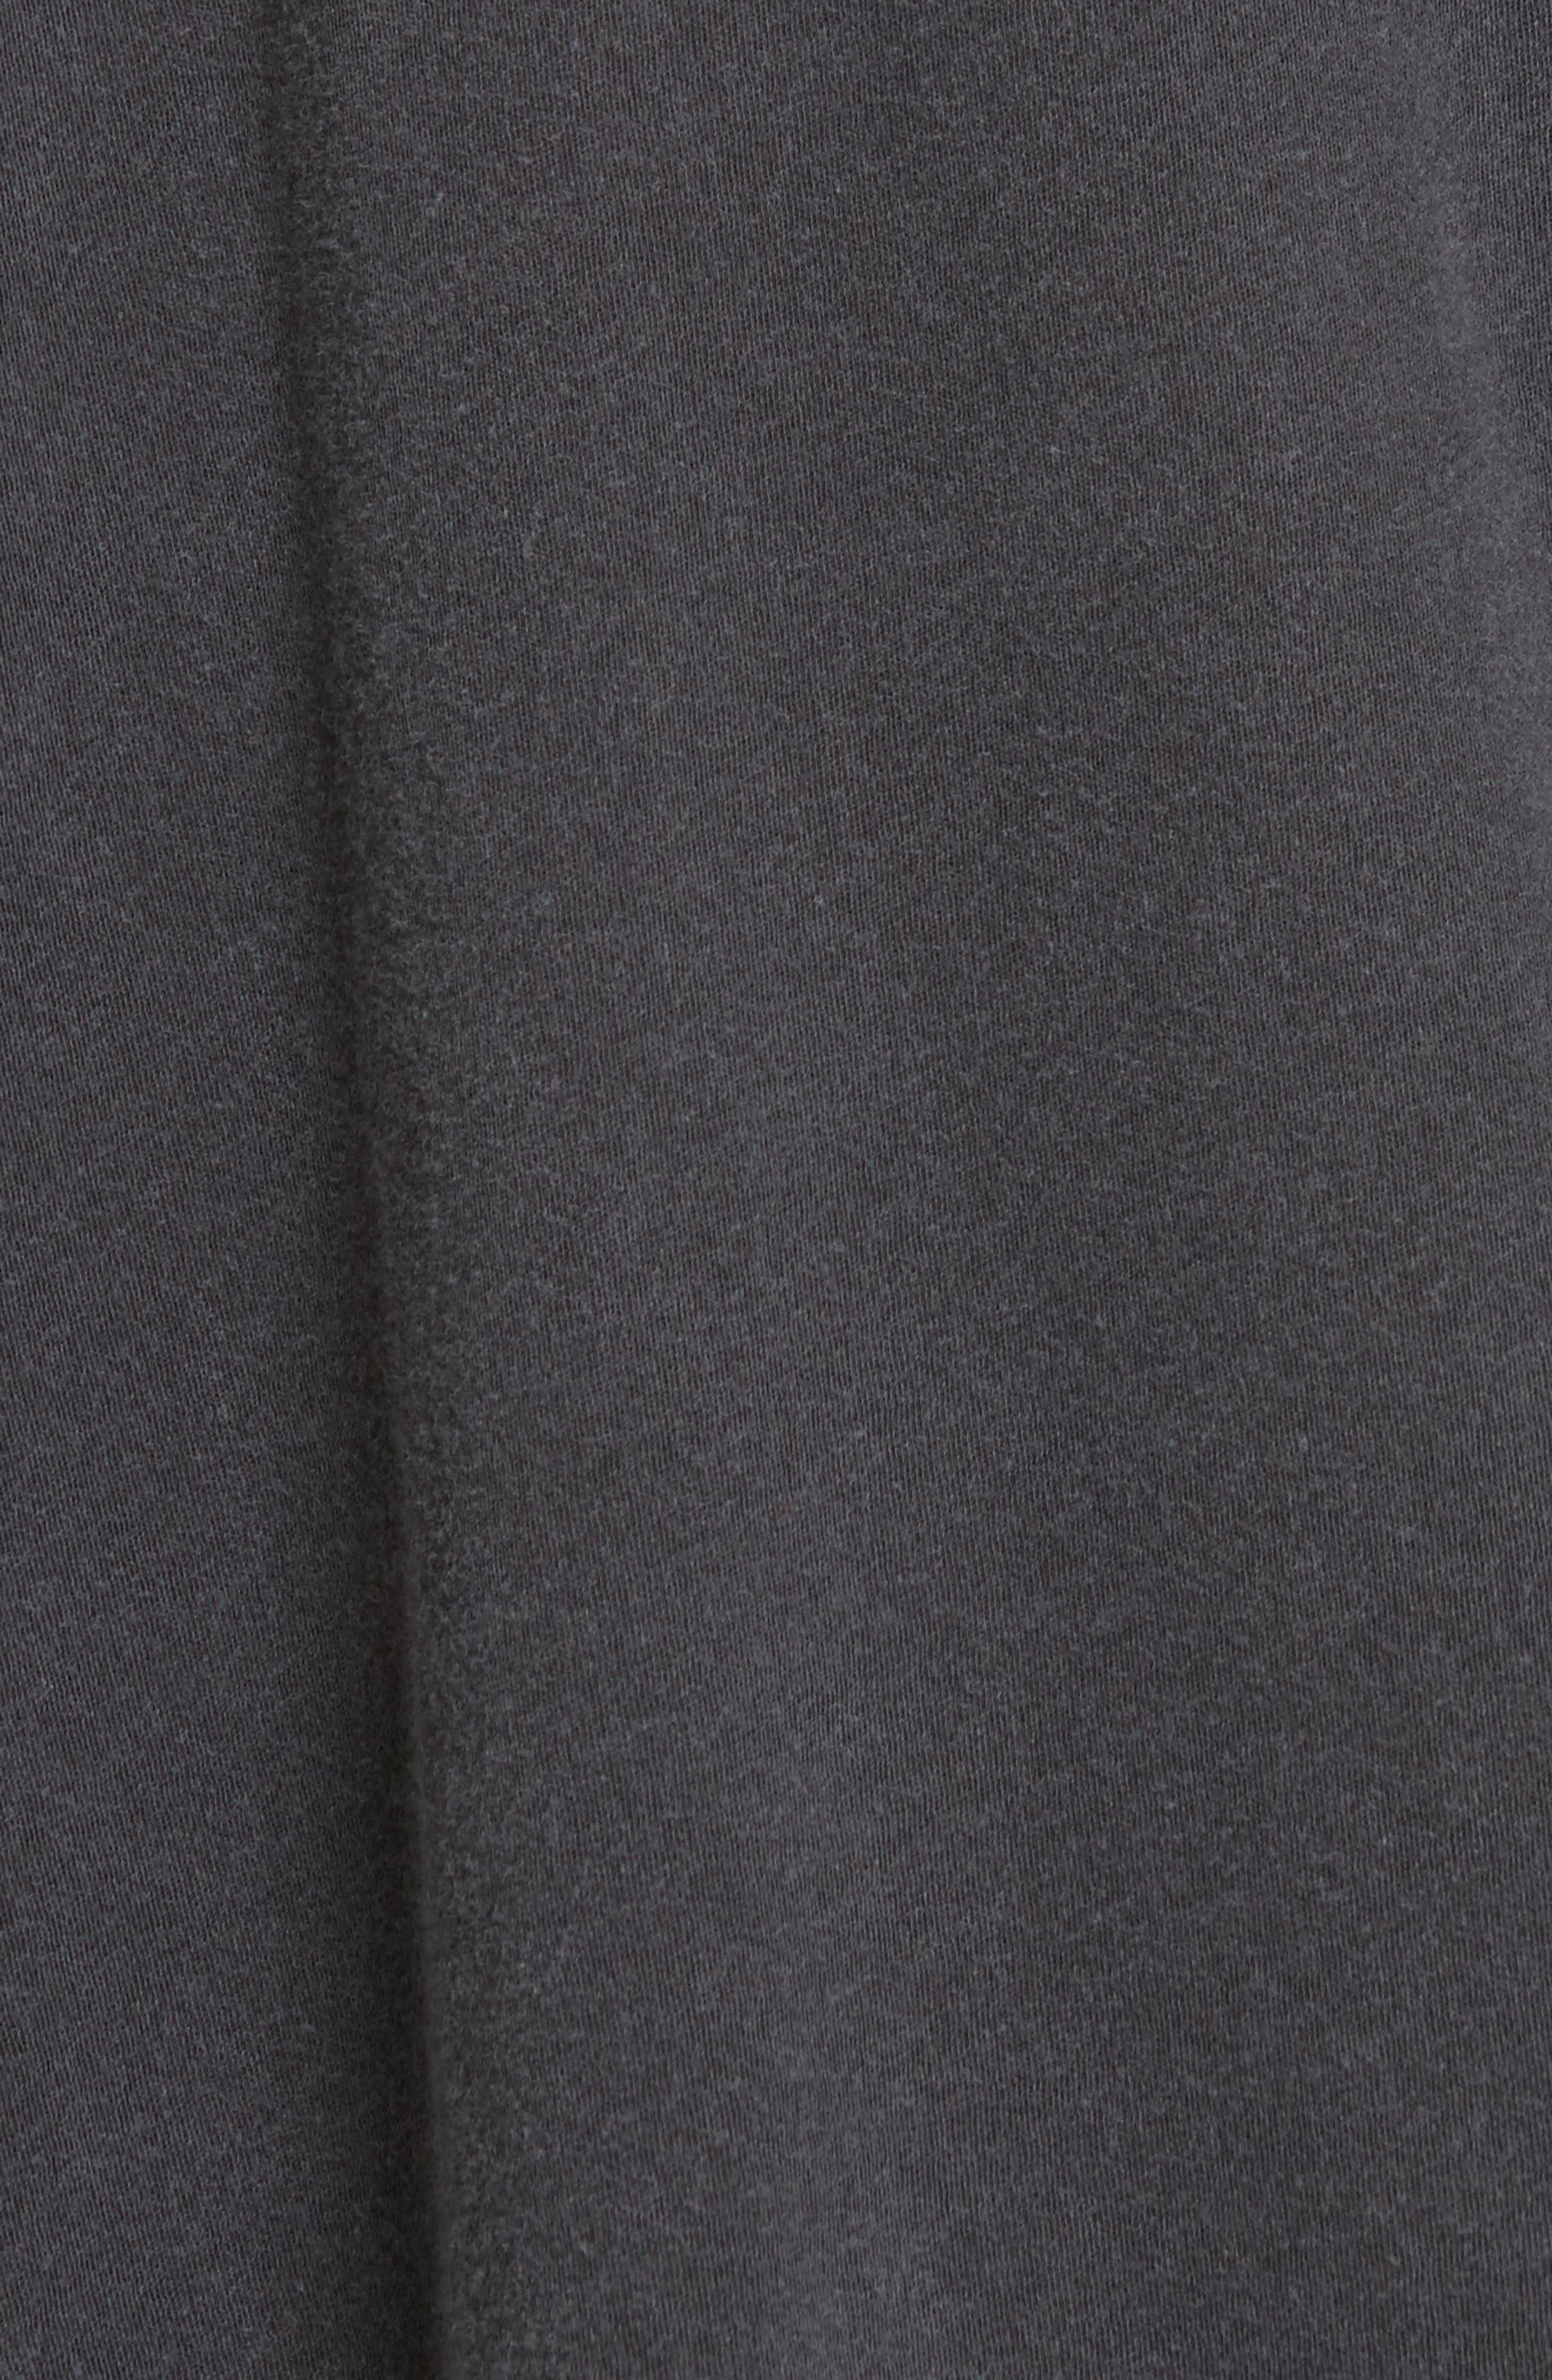 Eshu Oversize T-Shirt,                             Alternate thumbnail 5, color,                             001